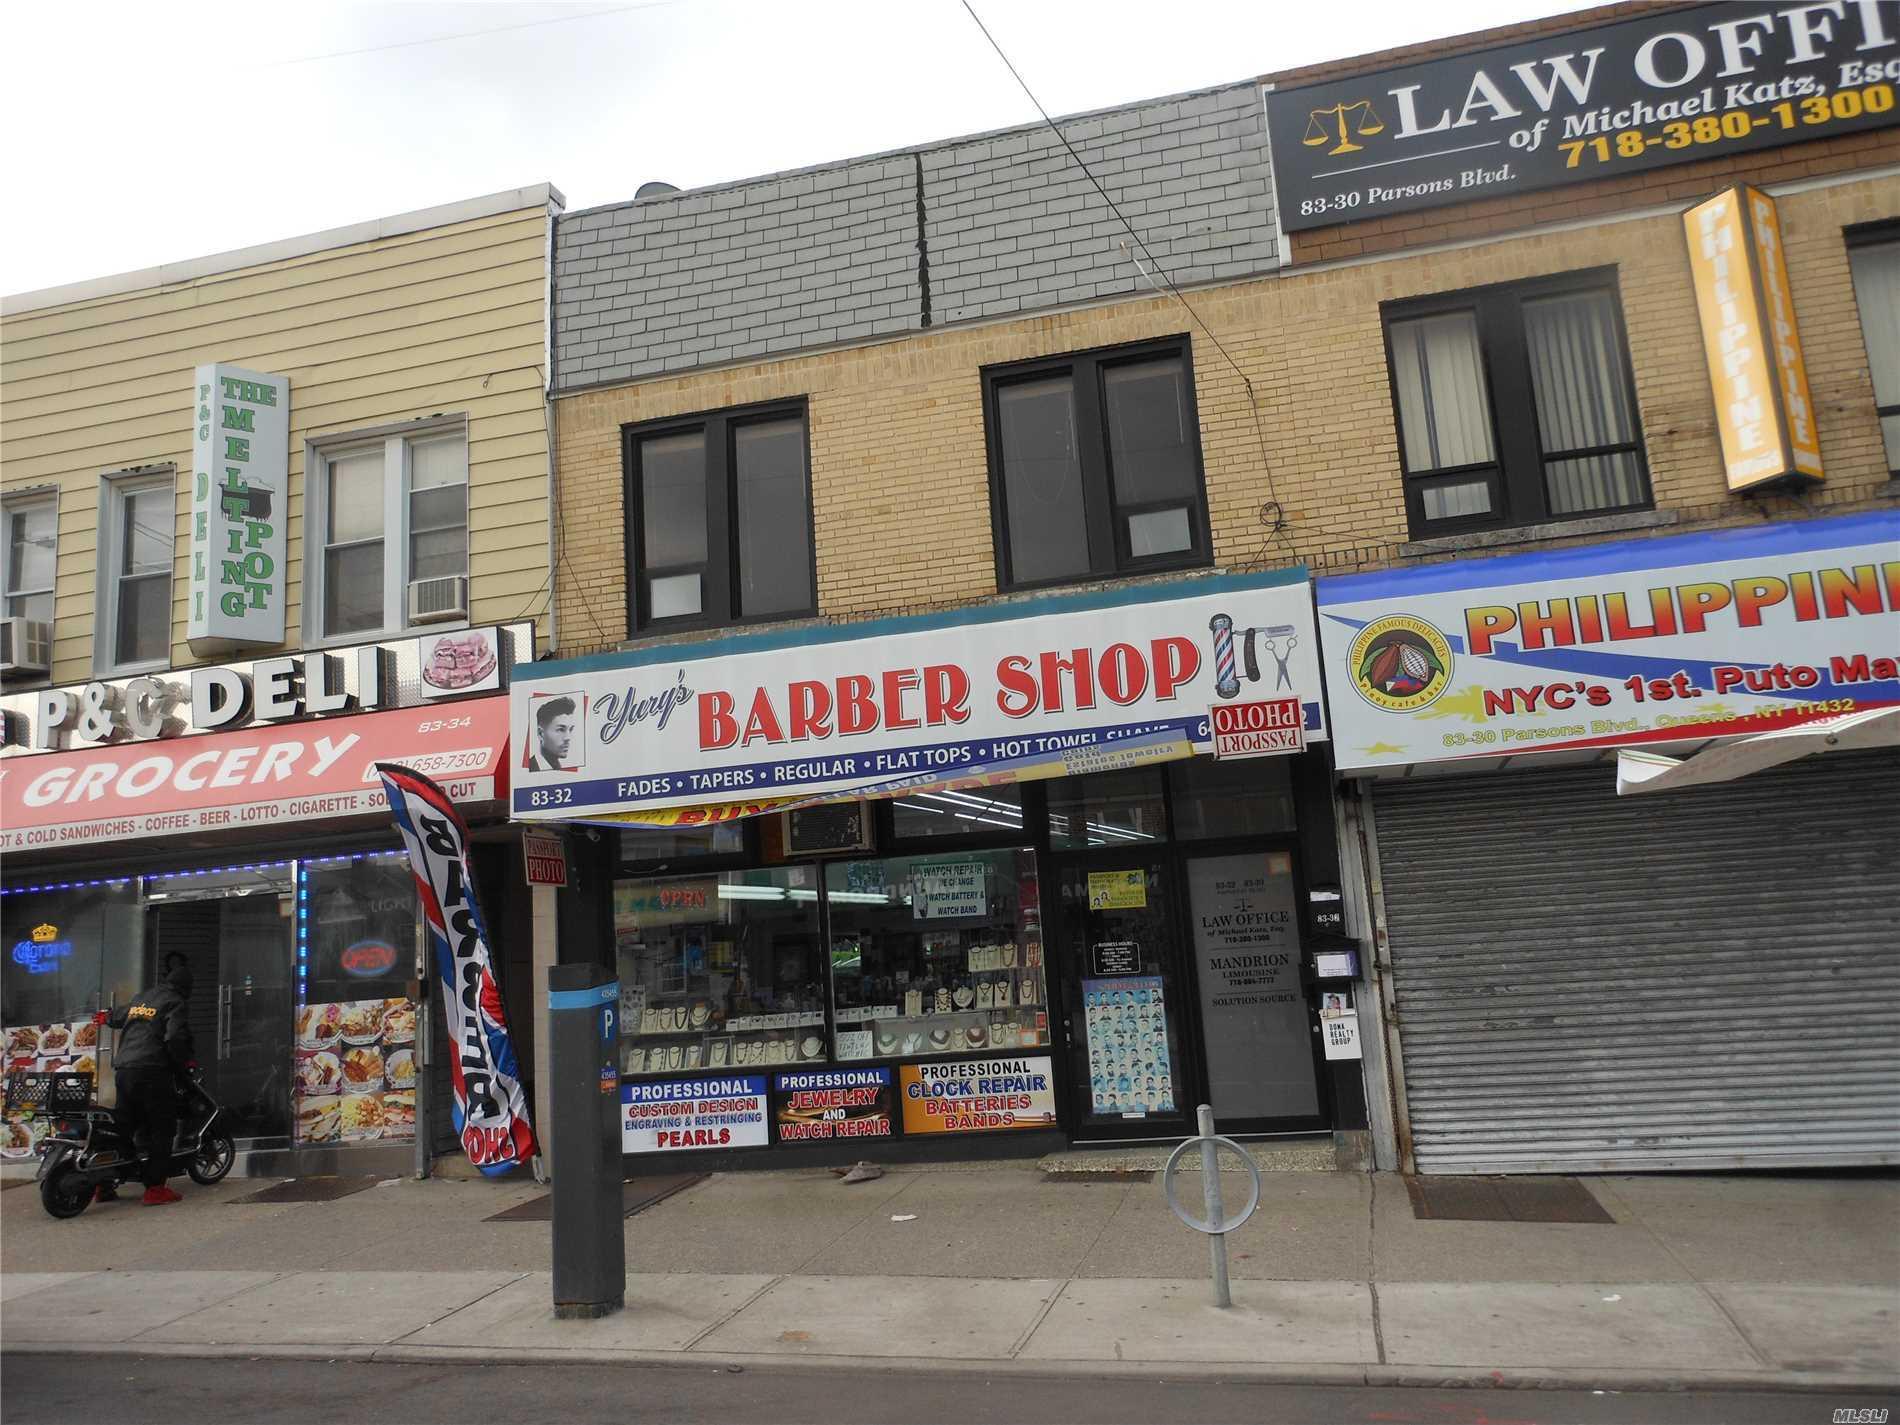 8332 Parsons Blvd Briarwood, NY 11432